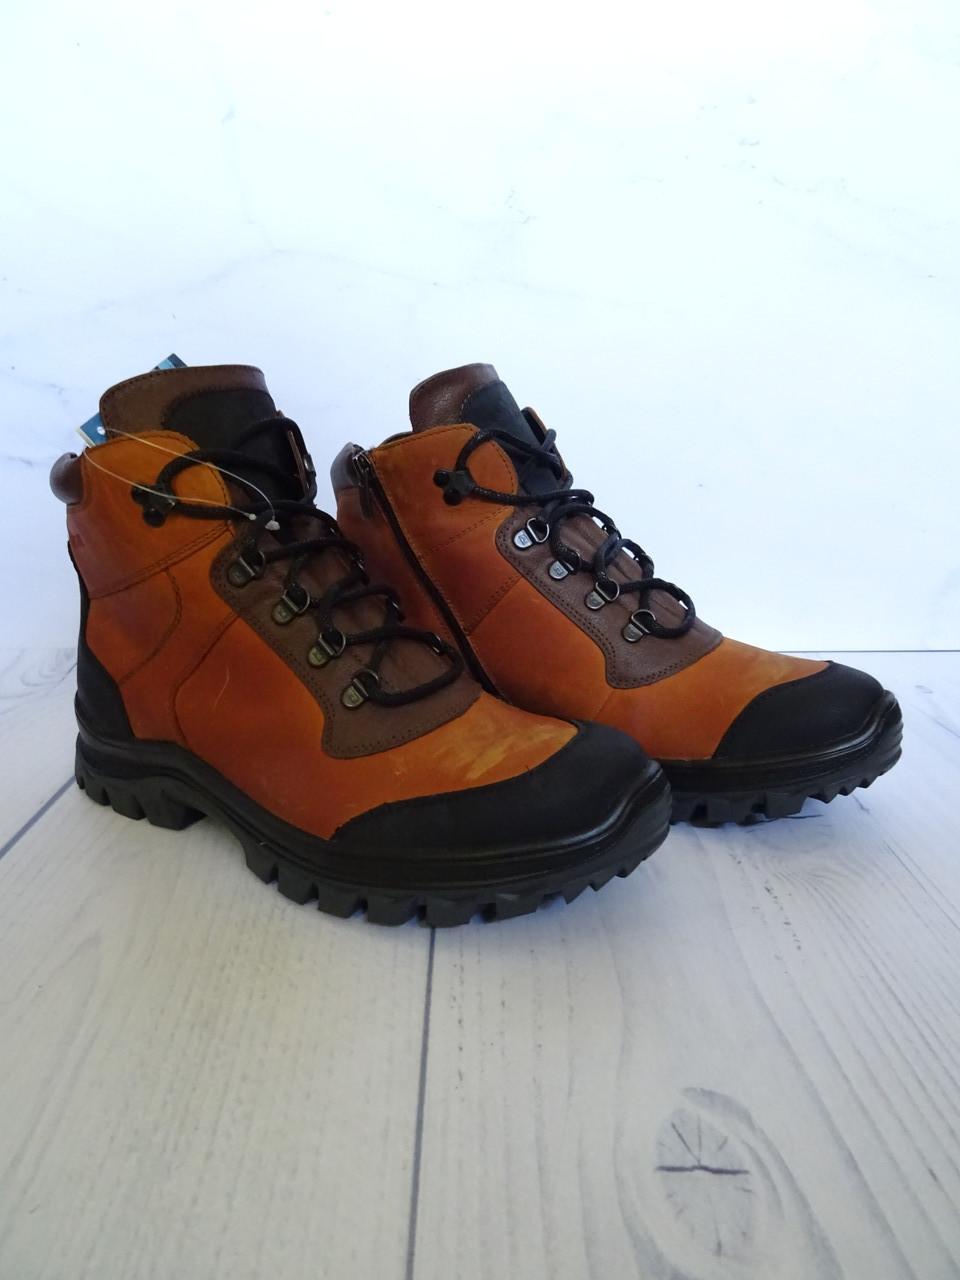 09b1551f Мужские зимние ботинки с шипами Mida - Магазин обуви WL Shop в Кривом Роге